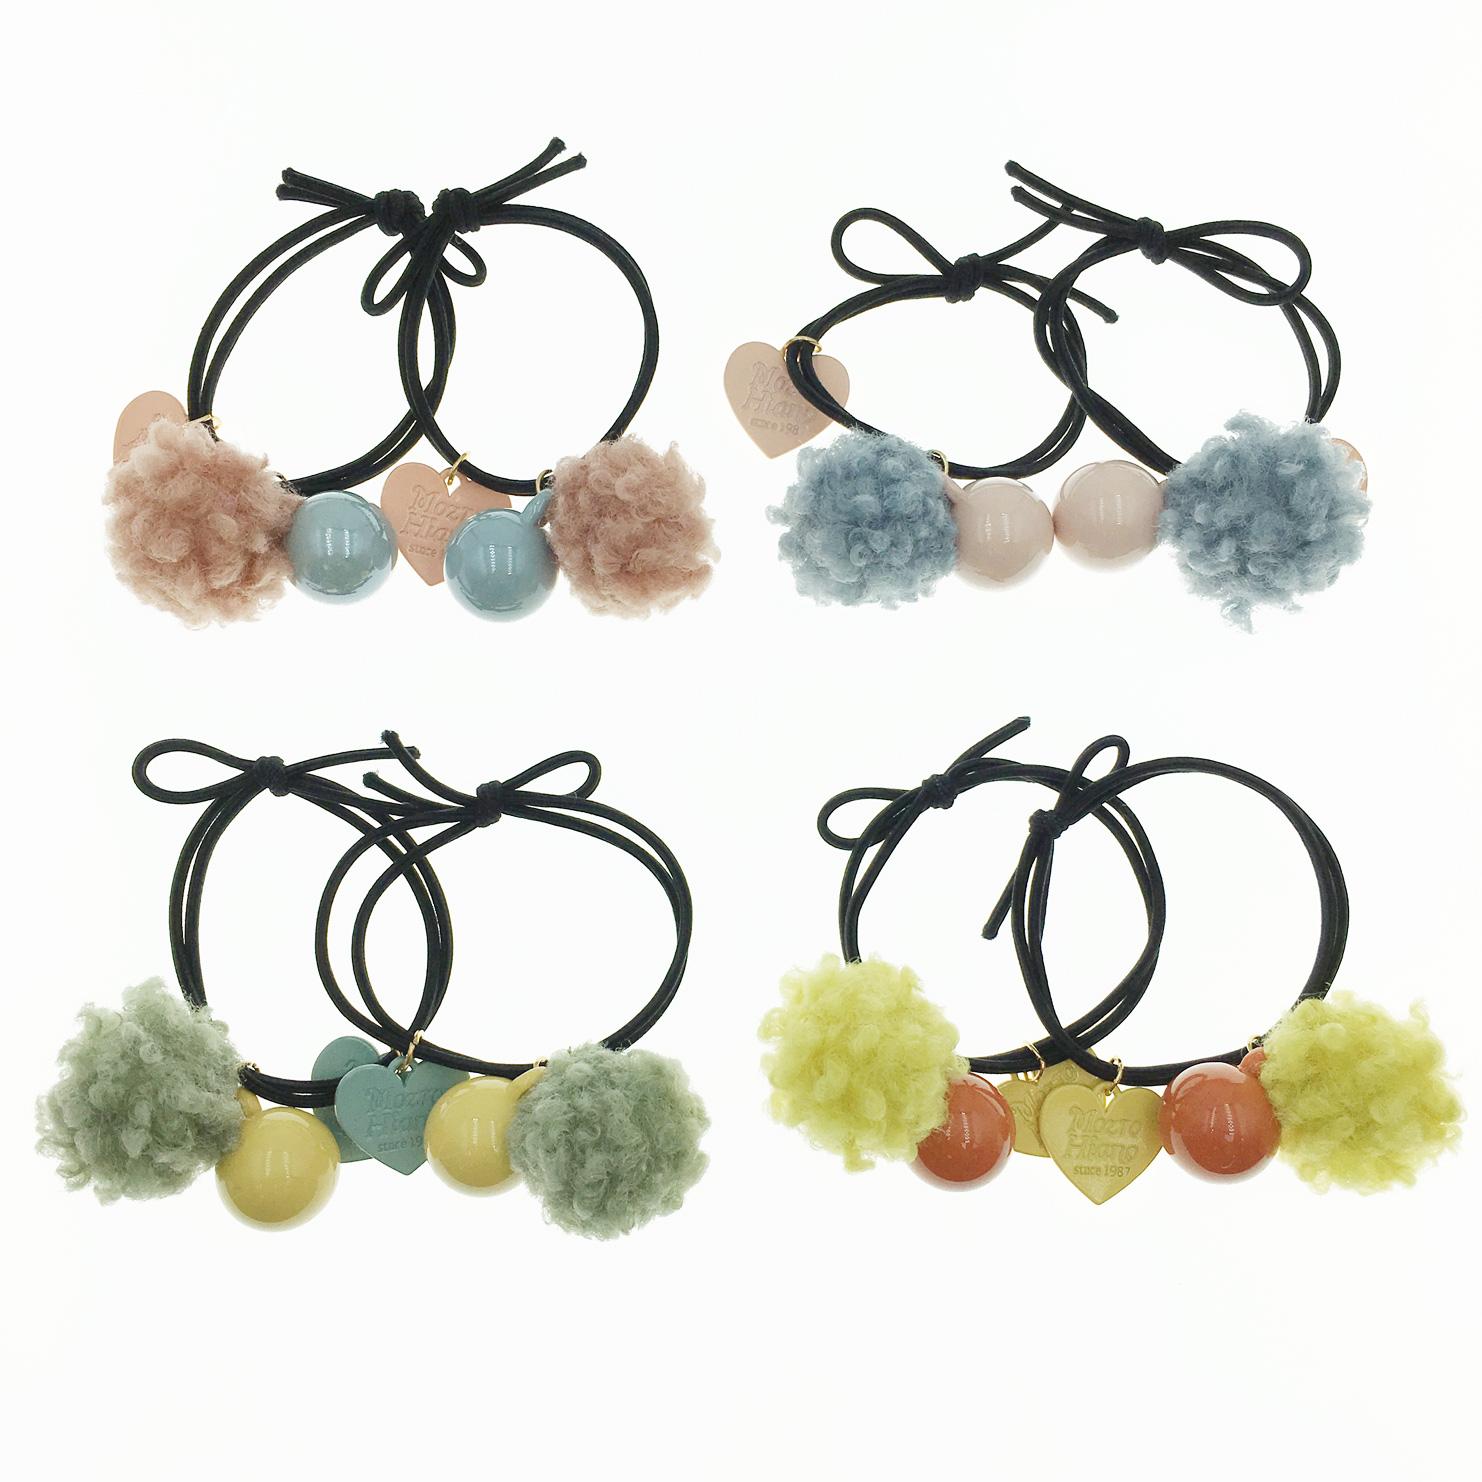 韓國 毛球 立體球 愛心吊牌 英文刻字 兩入組 髮飾 髮圈 髮束